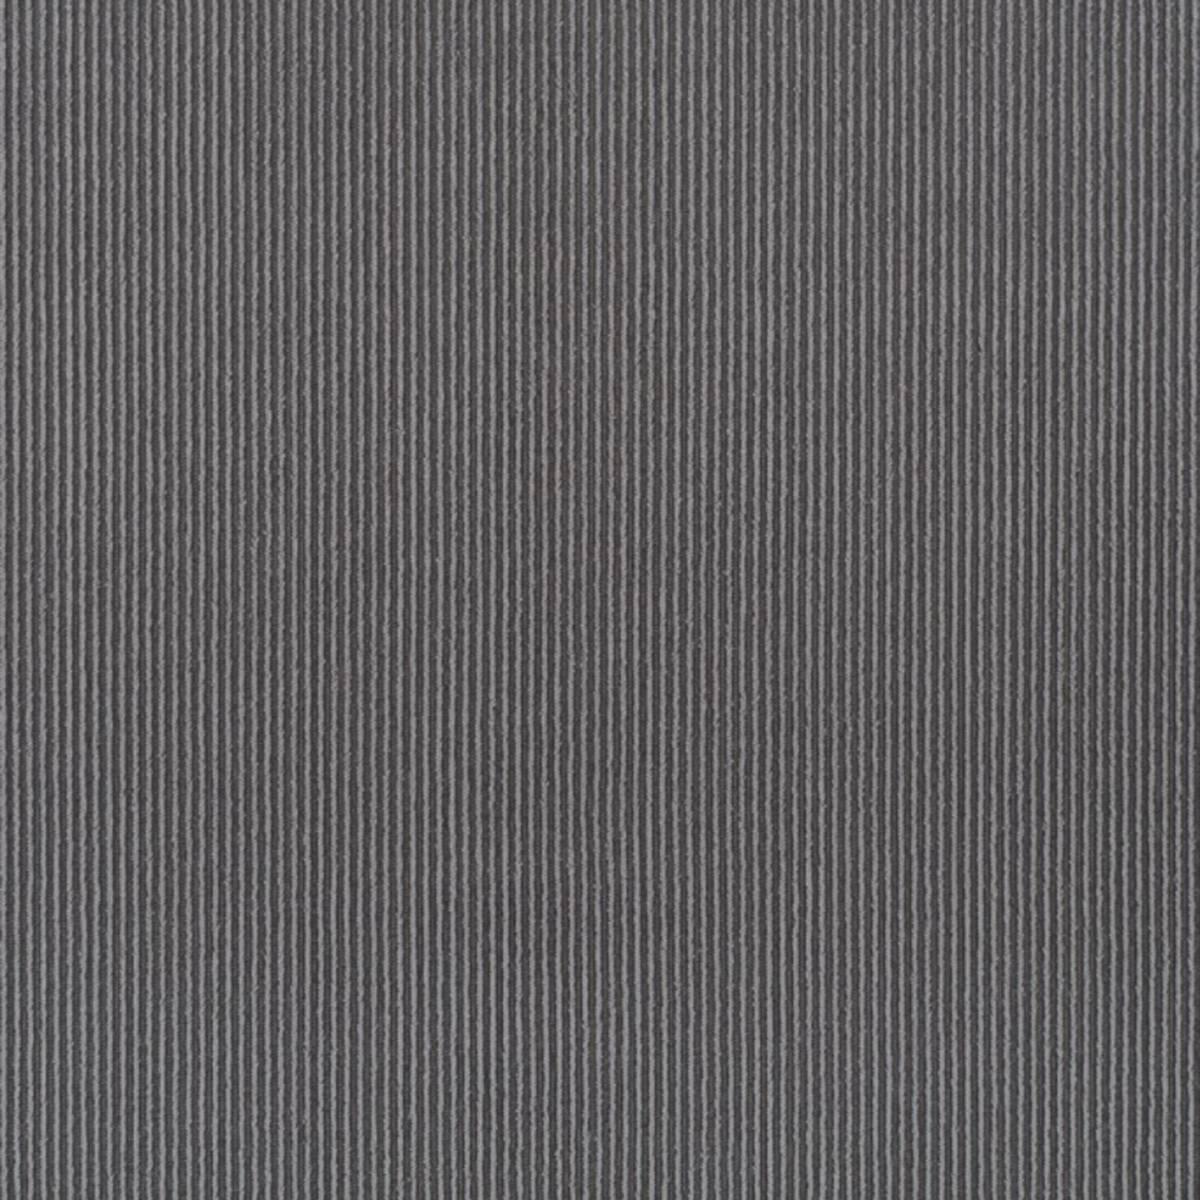 Tammaro Fabrics Steel Fdg2748 13 Designers Guild